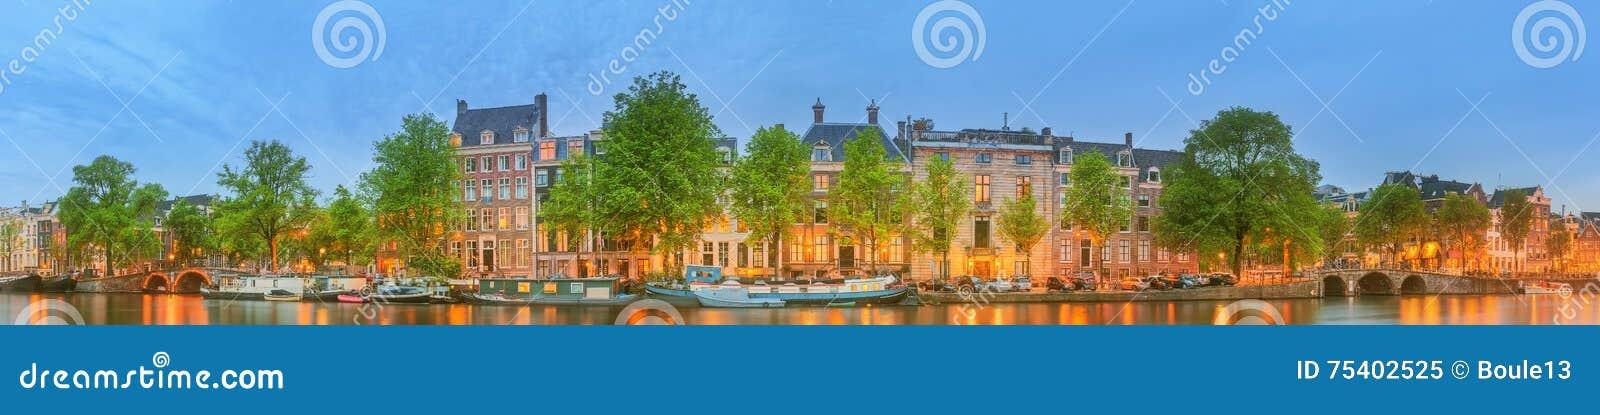 Vue panoramique et paysage urbain d Amsterdam avec des bateaux, de vieux bâtiments et la rivière d Amstel, Hollande, Pays-Bas